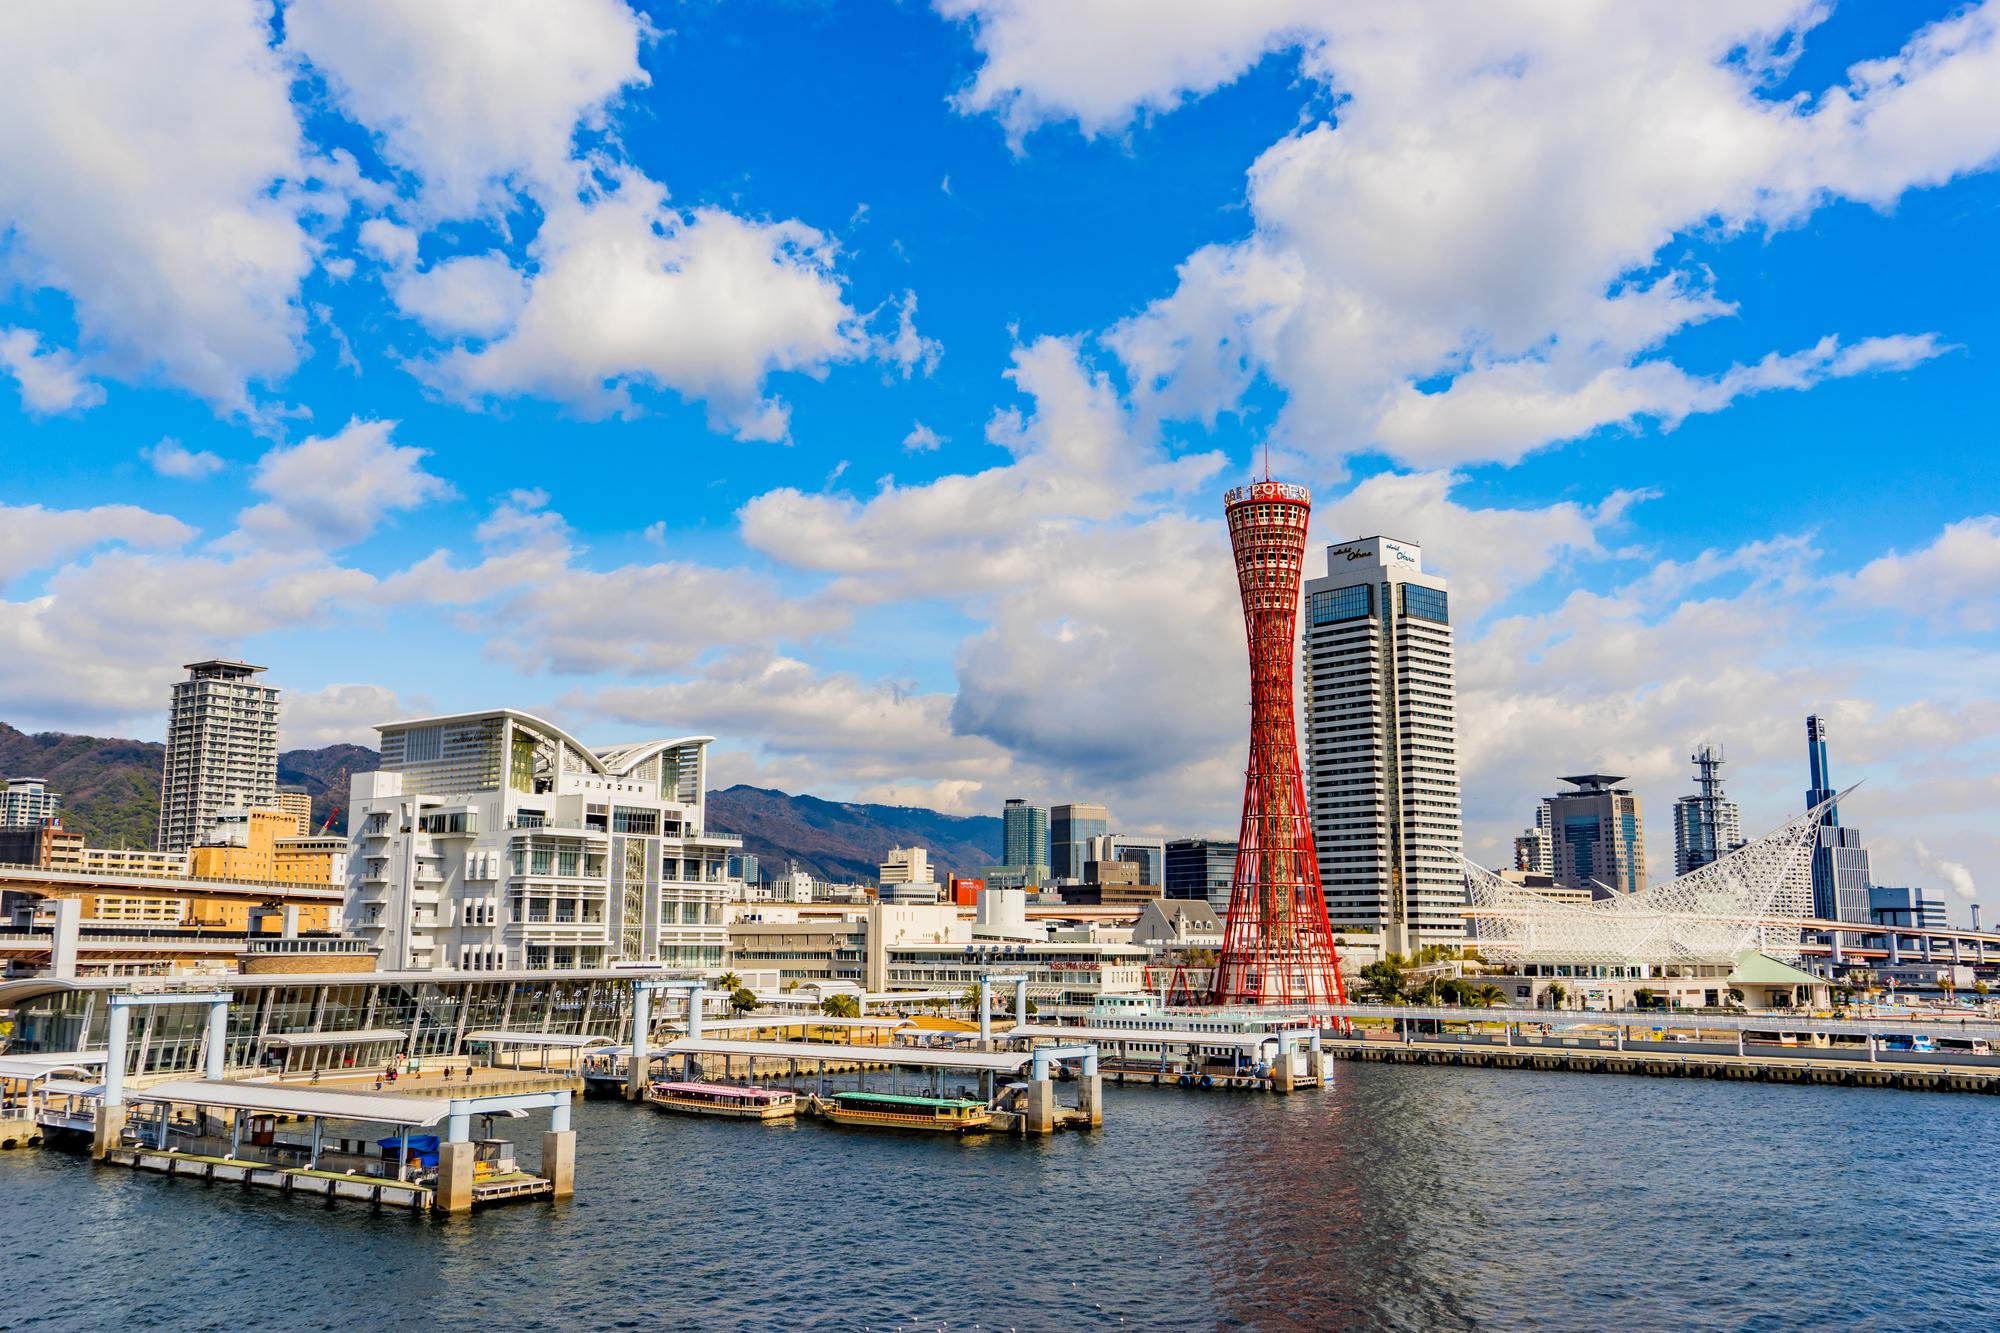 失敗しないリフォーム会社選びなら口コミで選ぶ神戸市で本当に評判のリフォーム会社10選